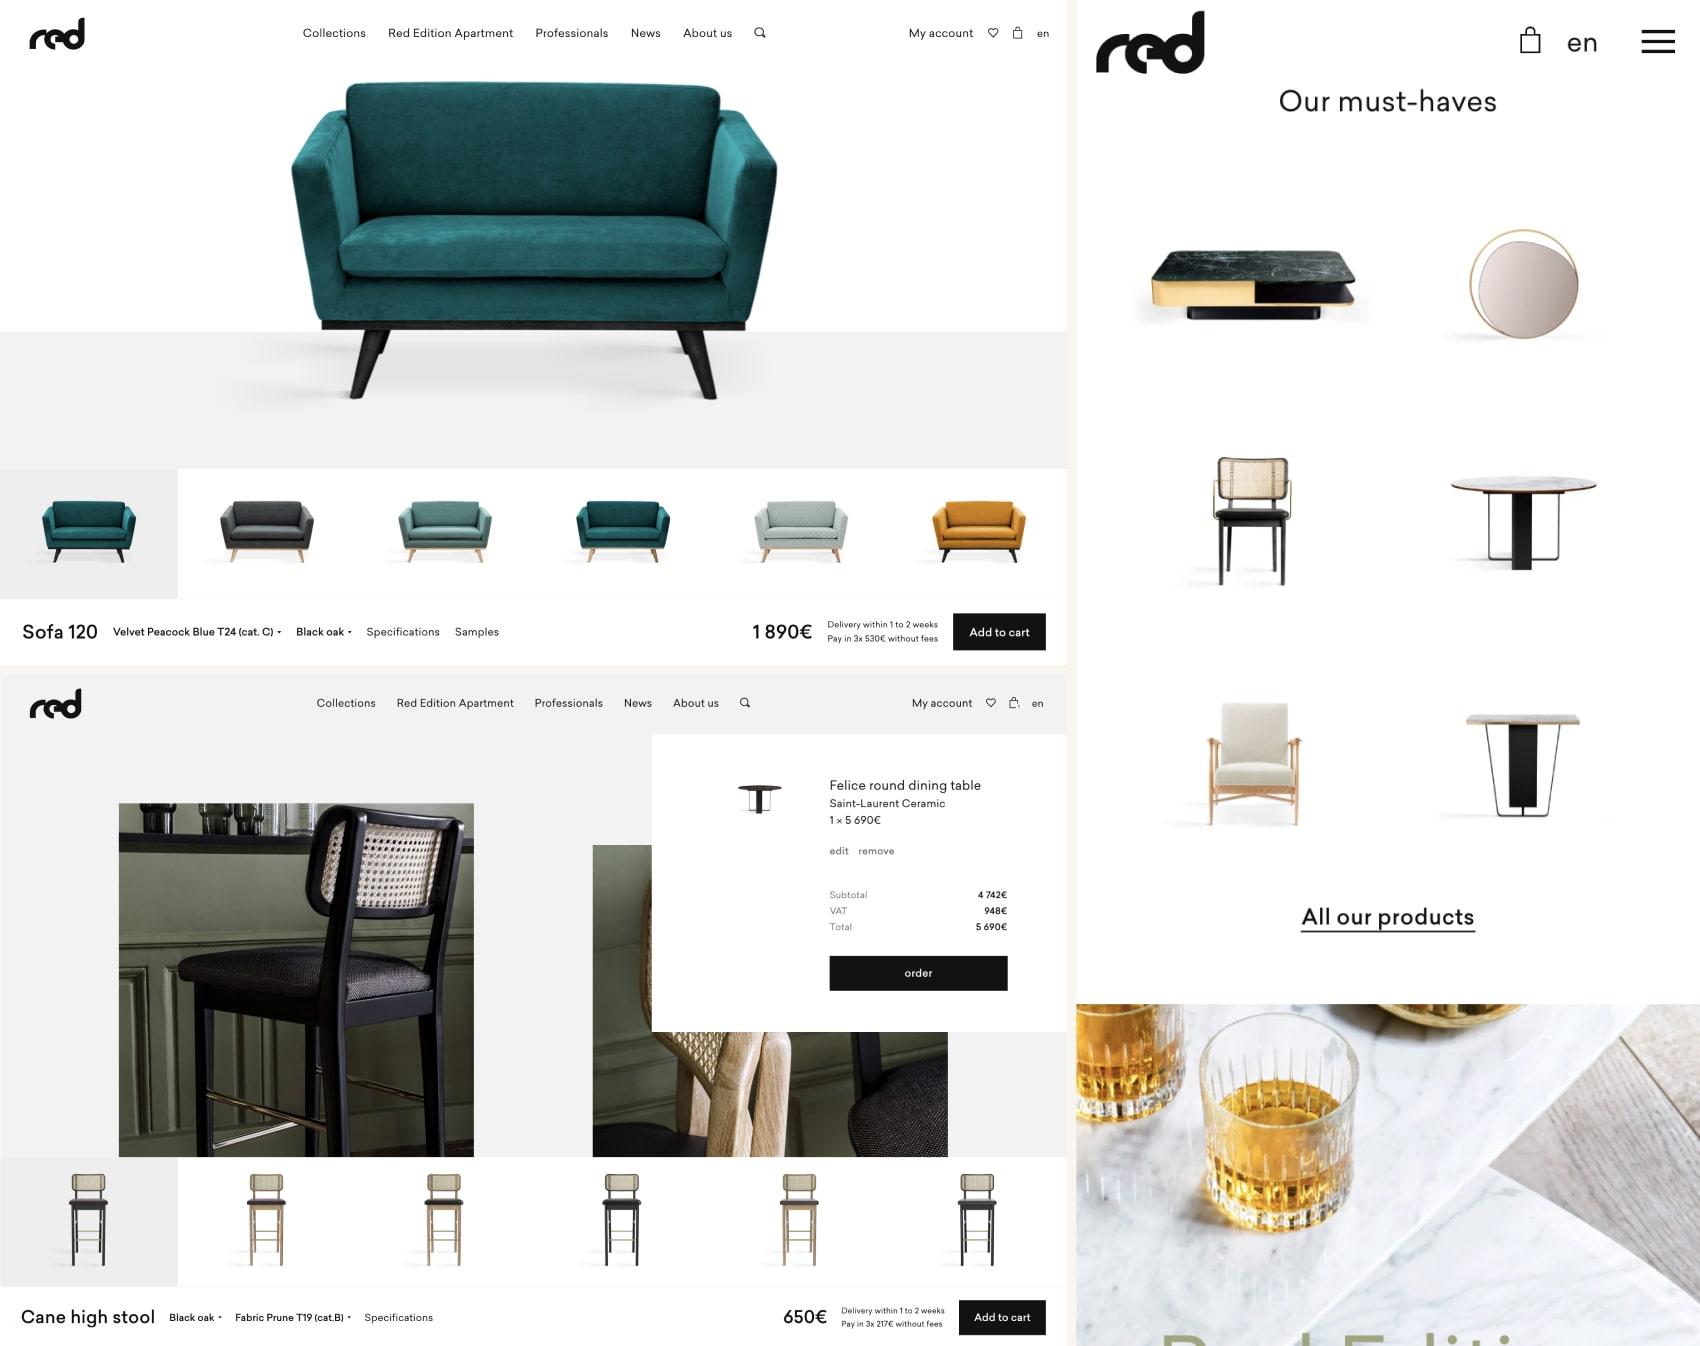 дизайн интернет магазина rededition.com